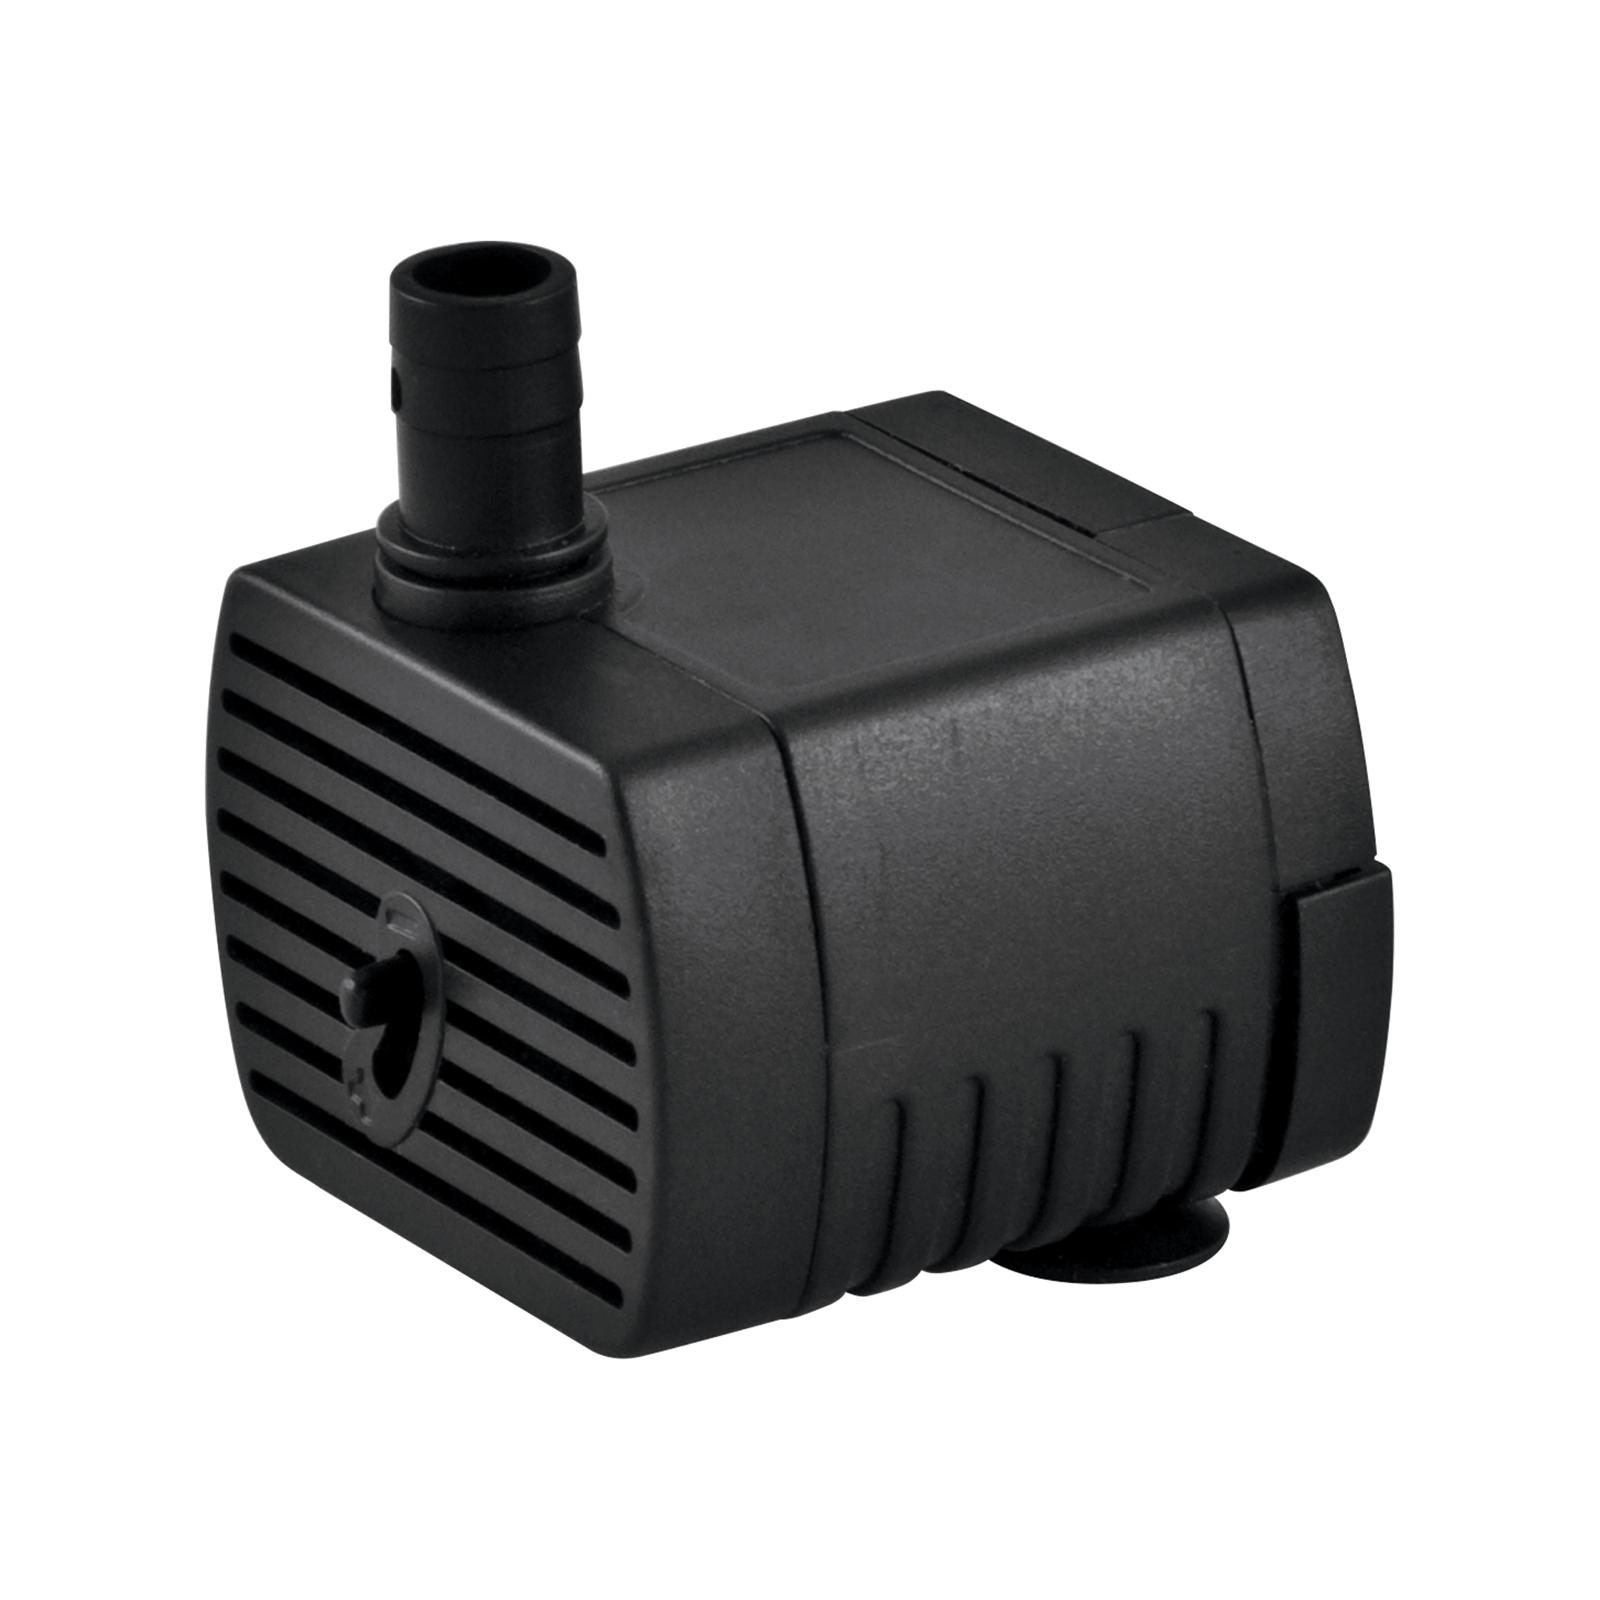 Aquapro AP210 Tabletop Water Feature Pump